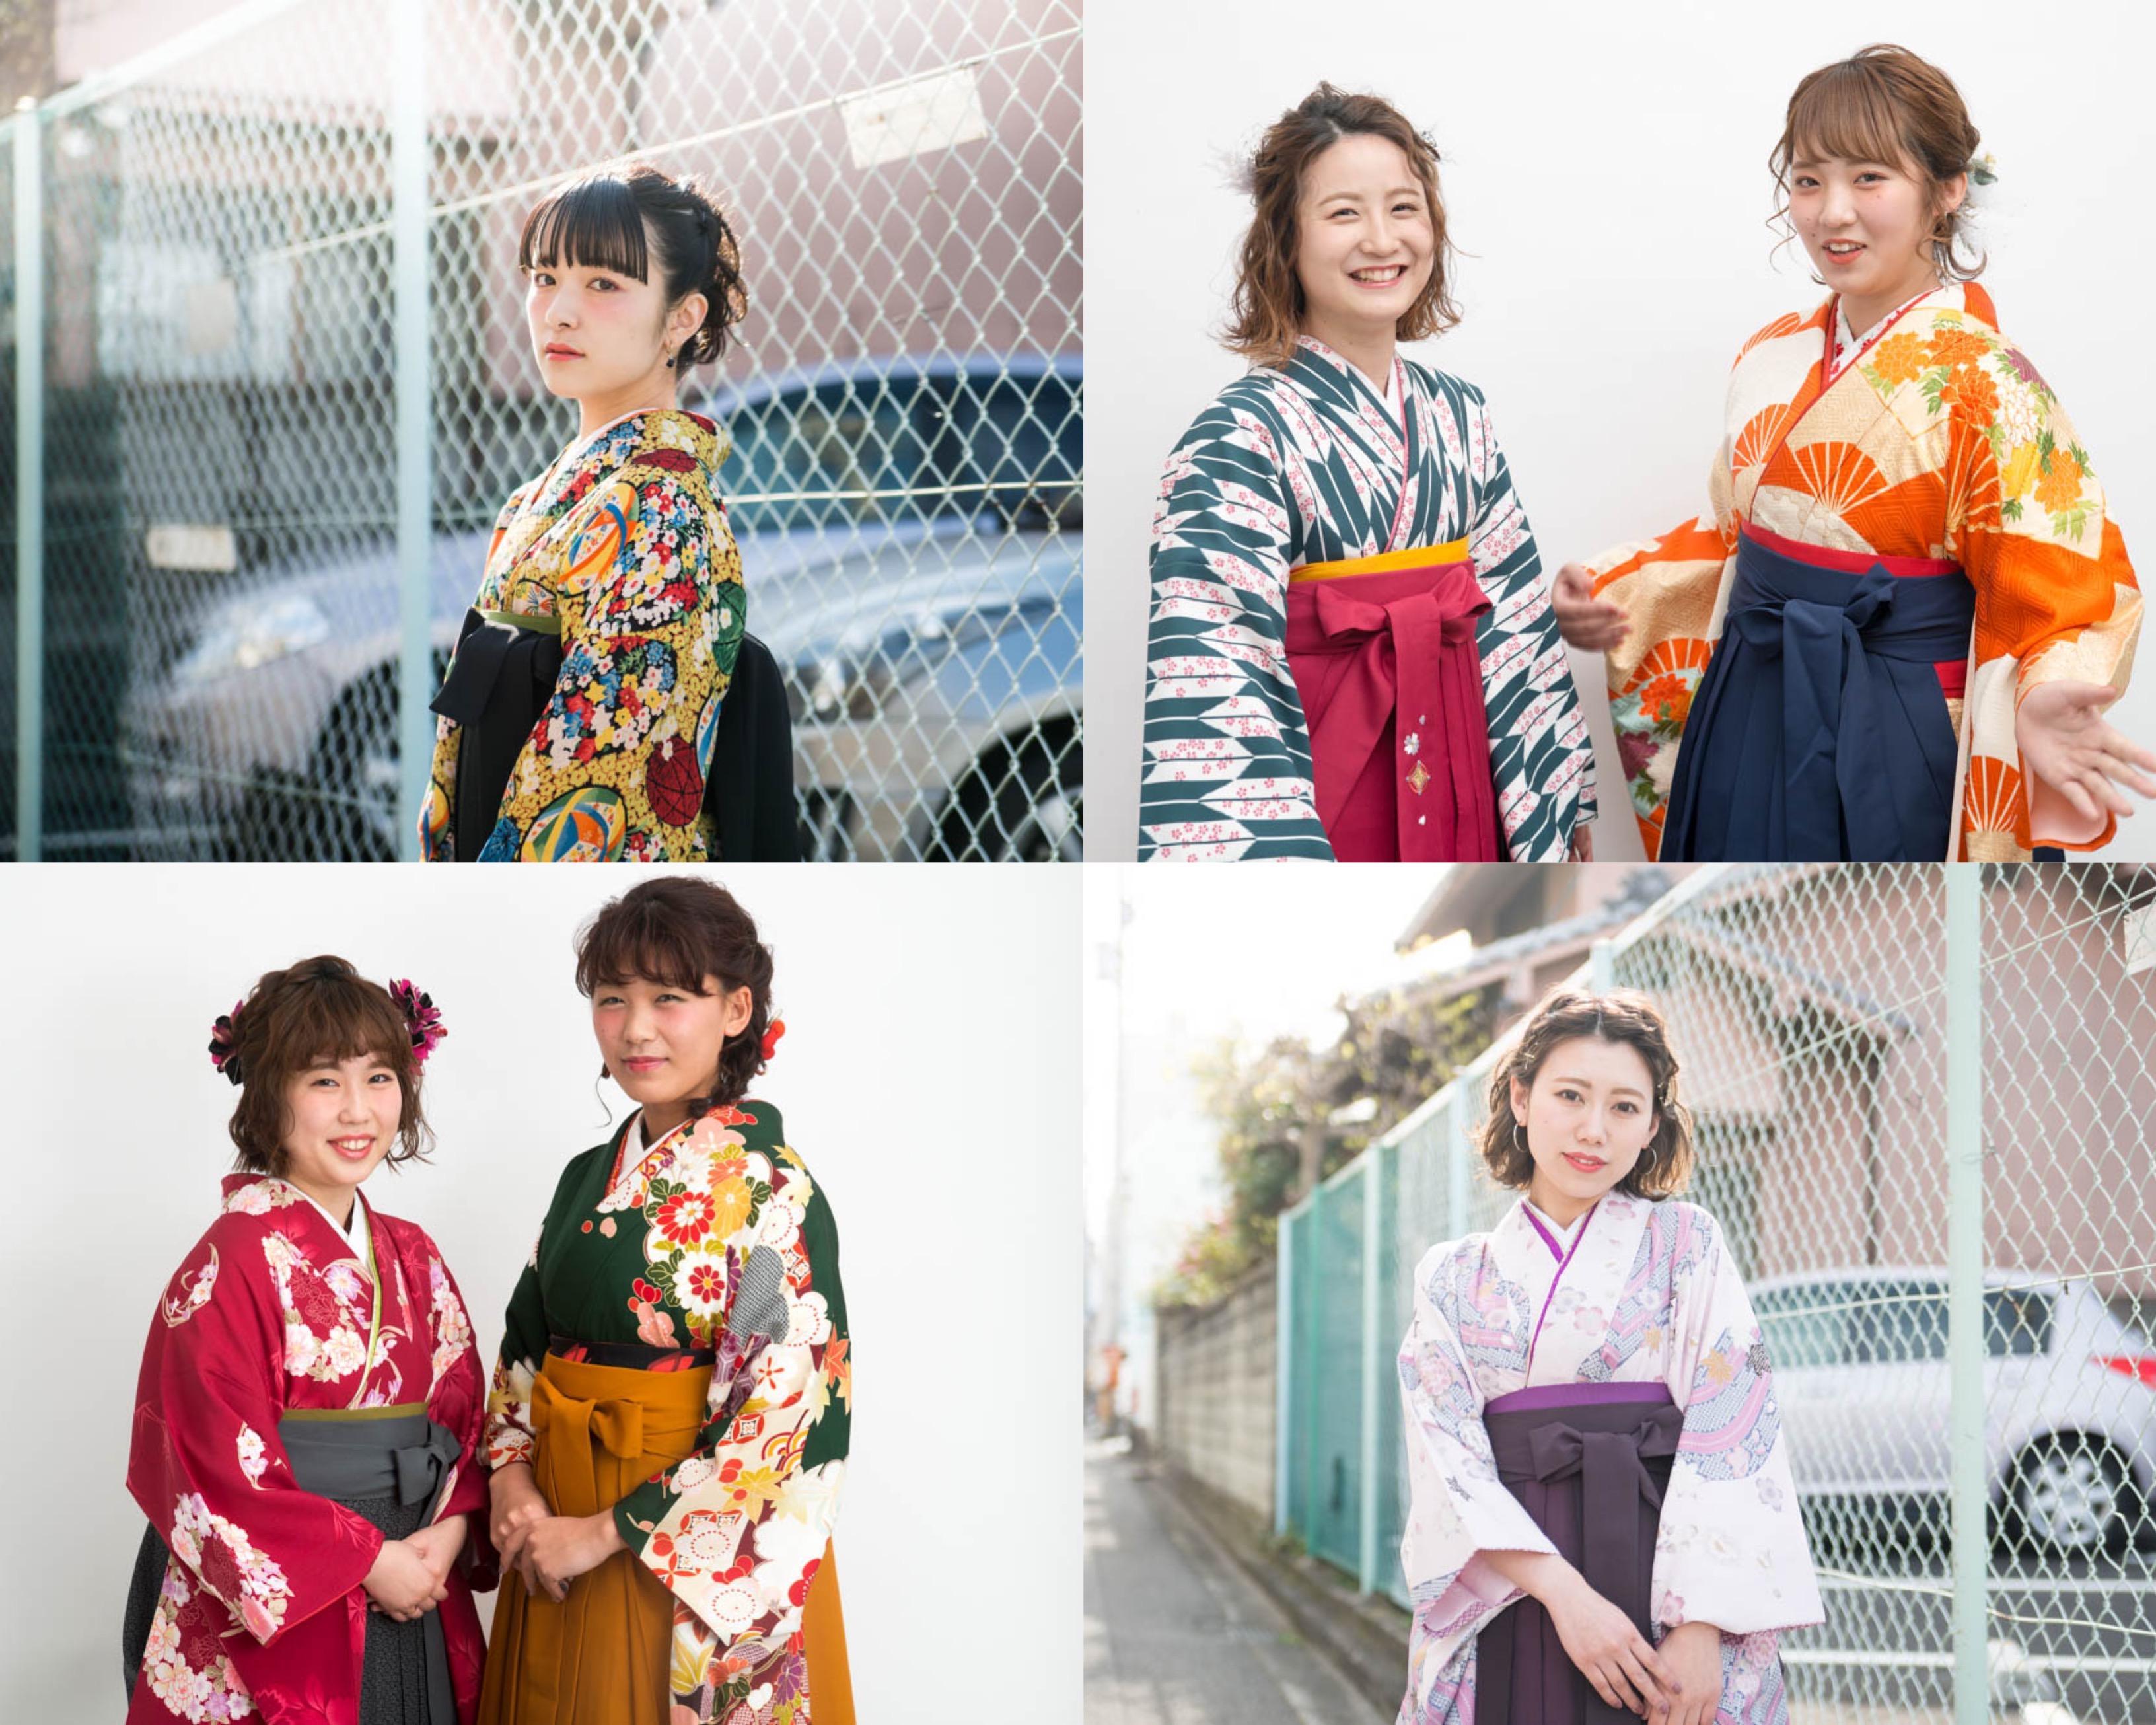 卒業式の袴のセットメイク着付けのお仕事です。